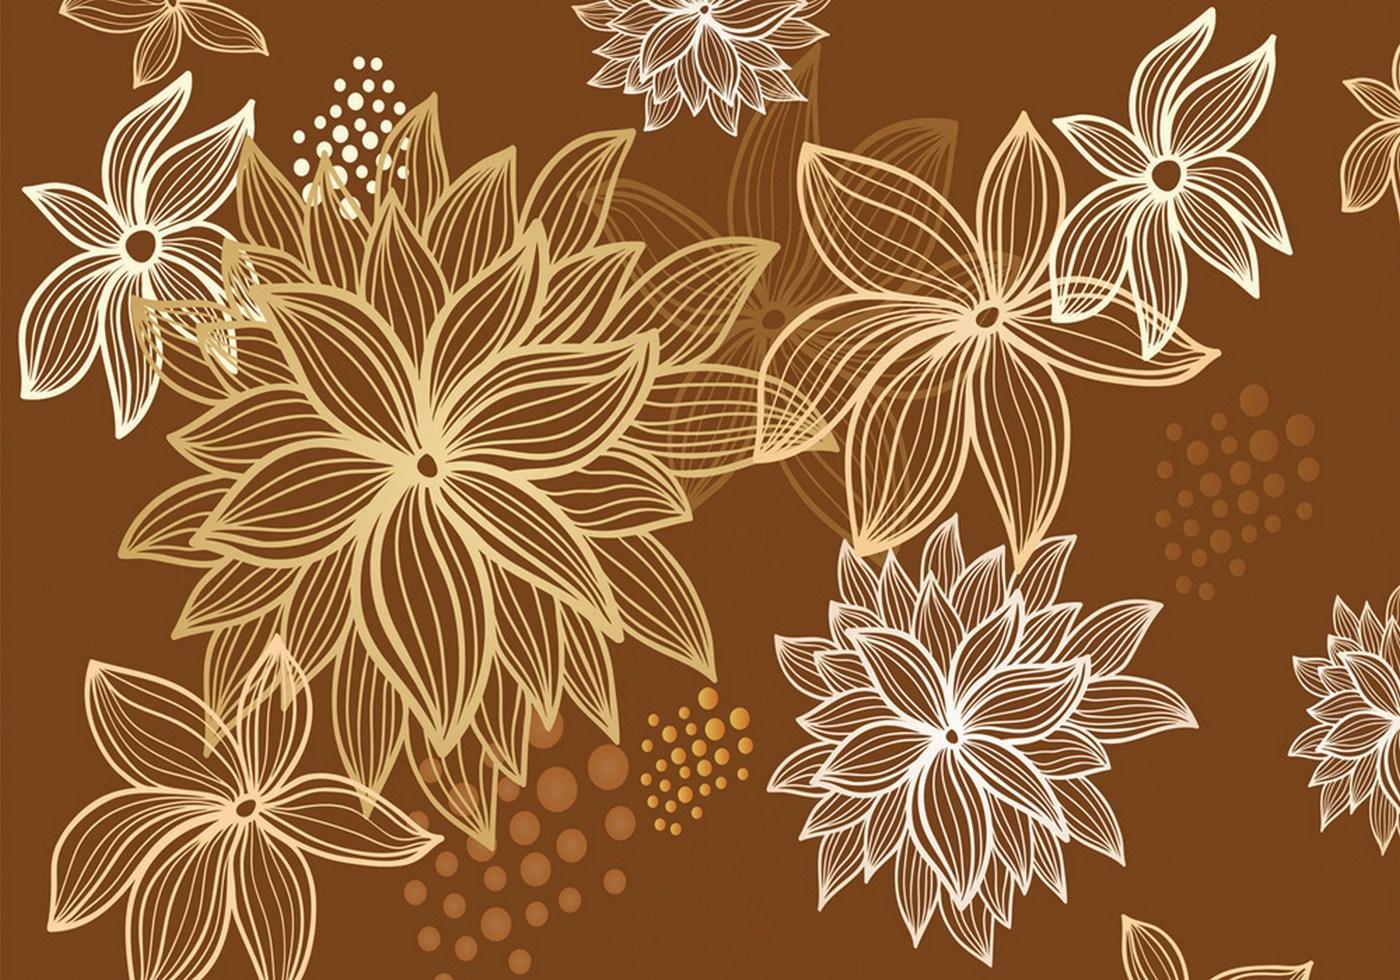 Wunderbar Vlies Fototapete 1108   Illustrationen Tapete Abstrakt Blüten Weiß Braun